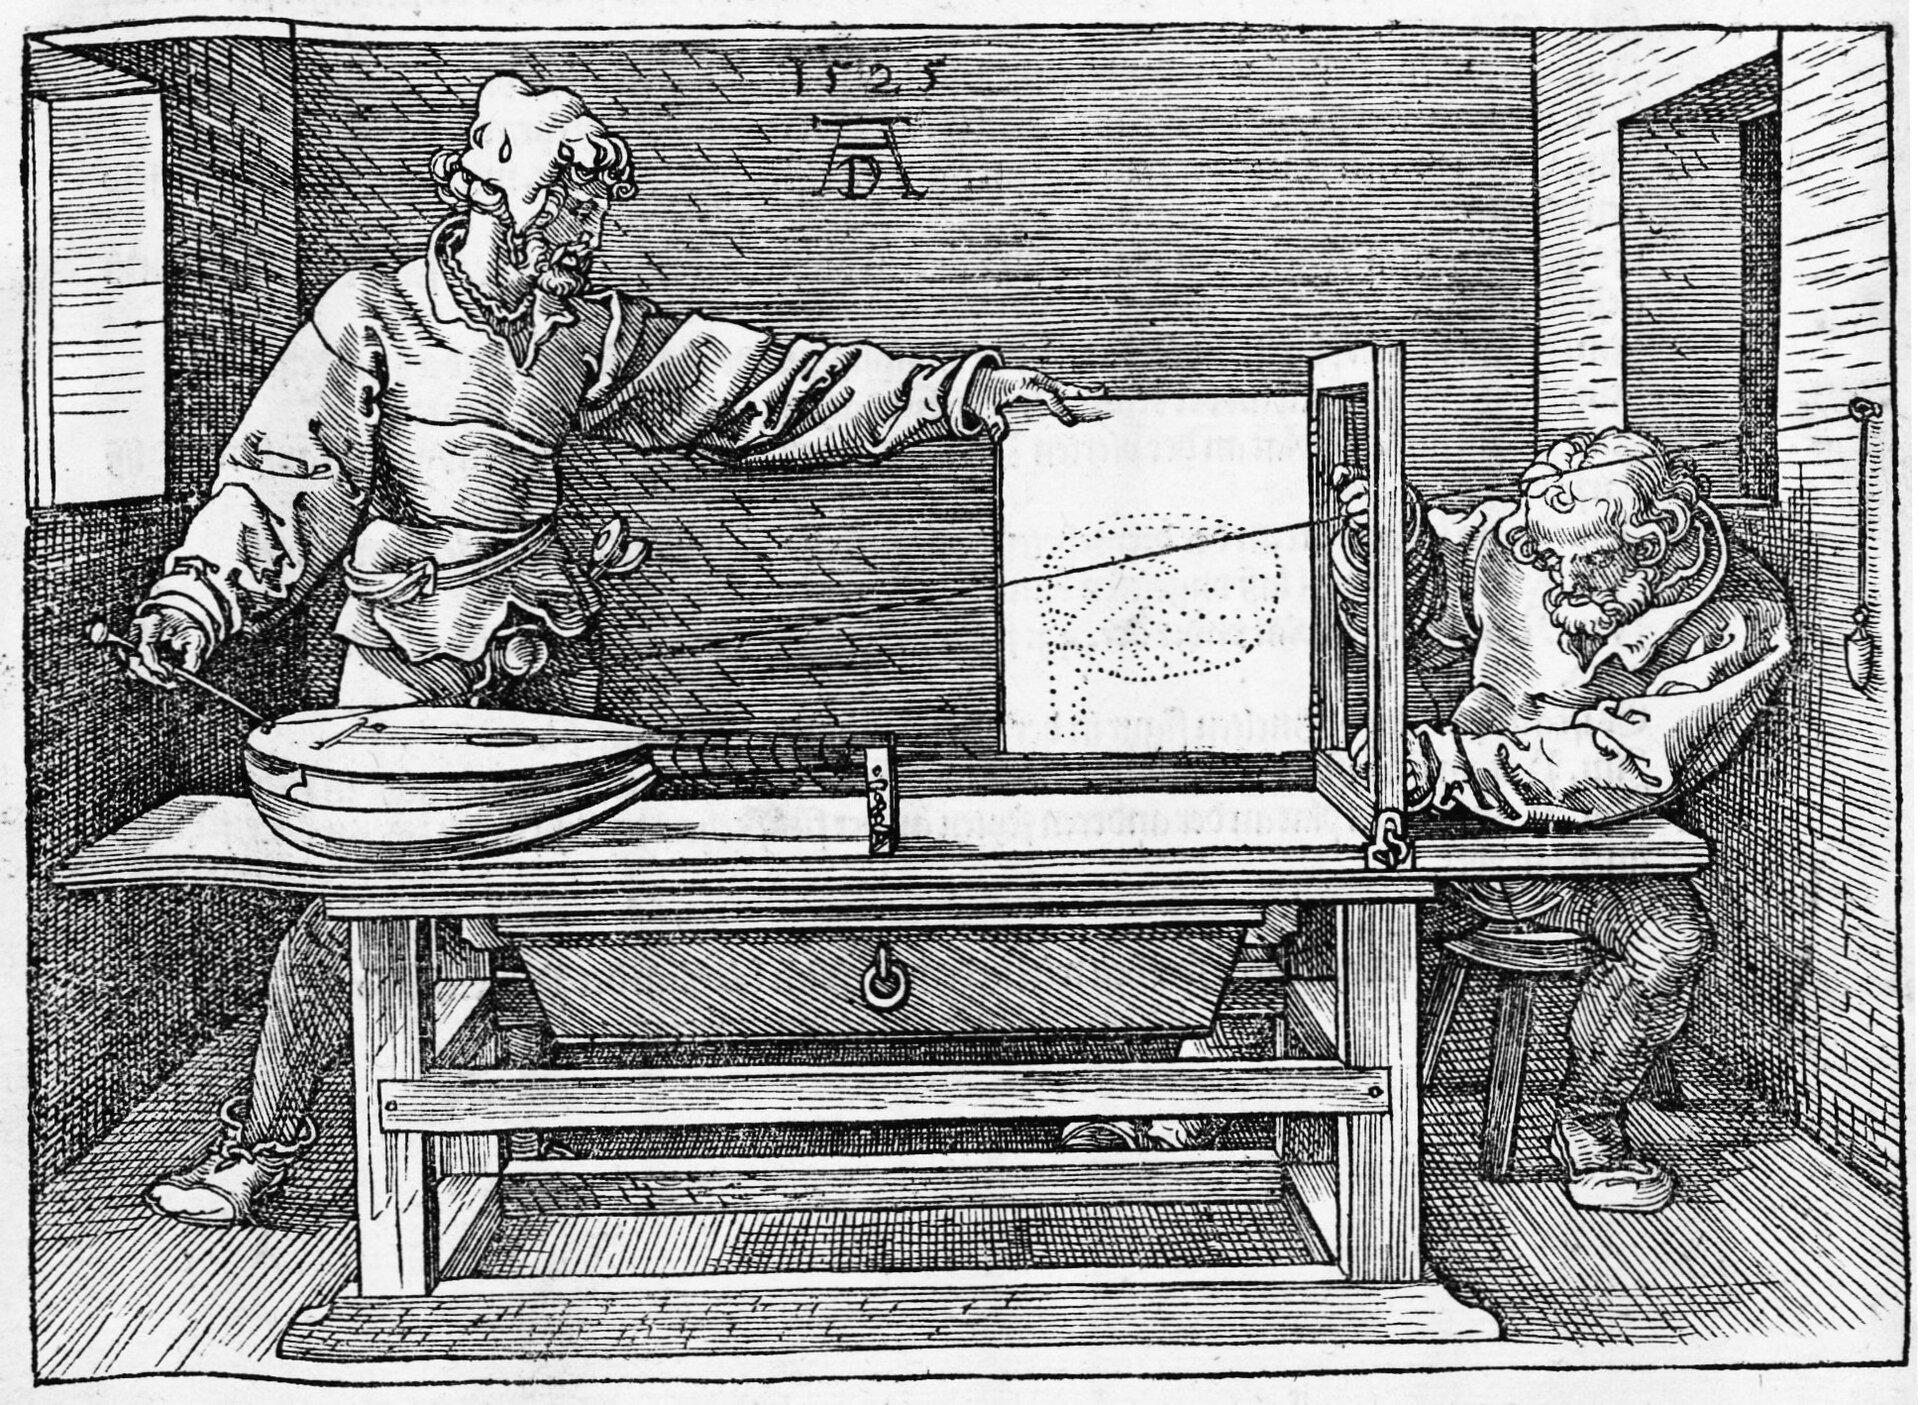 Underweysung der Messung, mit dem Zirckel und Richtscheyt, in Linien, Ebenen und gantzen corporen (Instrukcja pomiarów zcyrklem ilinijką linii, płaszczyzn icałych figur) Grafika Albrechta Dürera z1525 r. (widać monogram artysty idatę)przedstawia dwóch mężczyzn zajętych nanoszeniem na karton papieru orozmiarach przyszłego obrazu proporcji leżącego instrumentu (lutni). Prowadzą oni sznurek izaznaczają, wktórym miejscu linia przetnie papier lub płótno na ustawionej pionowo ramie. Źródło: Albrecht Dürer, Underweysung der Messung, mit dem Zirckel und Richtscheyt, in Linien, Ebenen und gantzen corporen (Instrukcja pomiarów zcyrklem ilinijką linii, płaszczyzn icałych figur), 1525, Norymberga 1525, księga IV, s. 180, domena publiczna, [online], dostępny winternecie: https://de.wikisource.org/wiki/Underweysung_der_Messung,_mit_dem_Zirckel_und_Richtscheyt,_in_Linien,_Ebenen_unnd_gantzen_corporen/Viertes_Buch [dostęp 1.11.2015 r.].